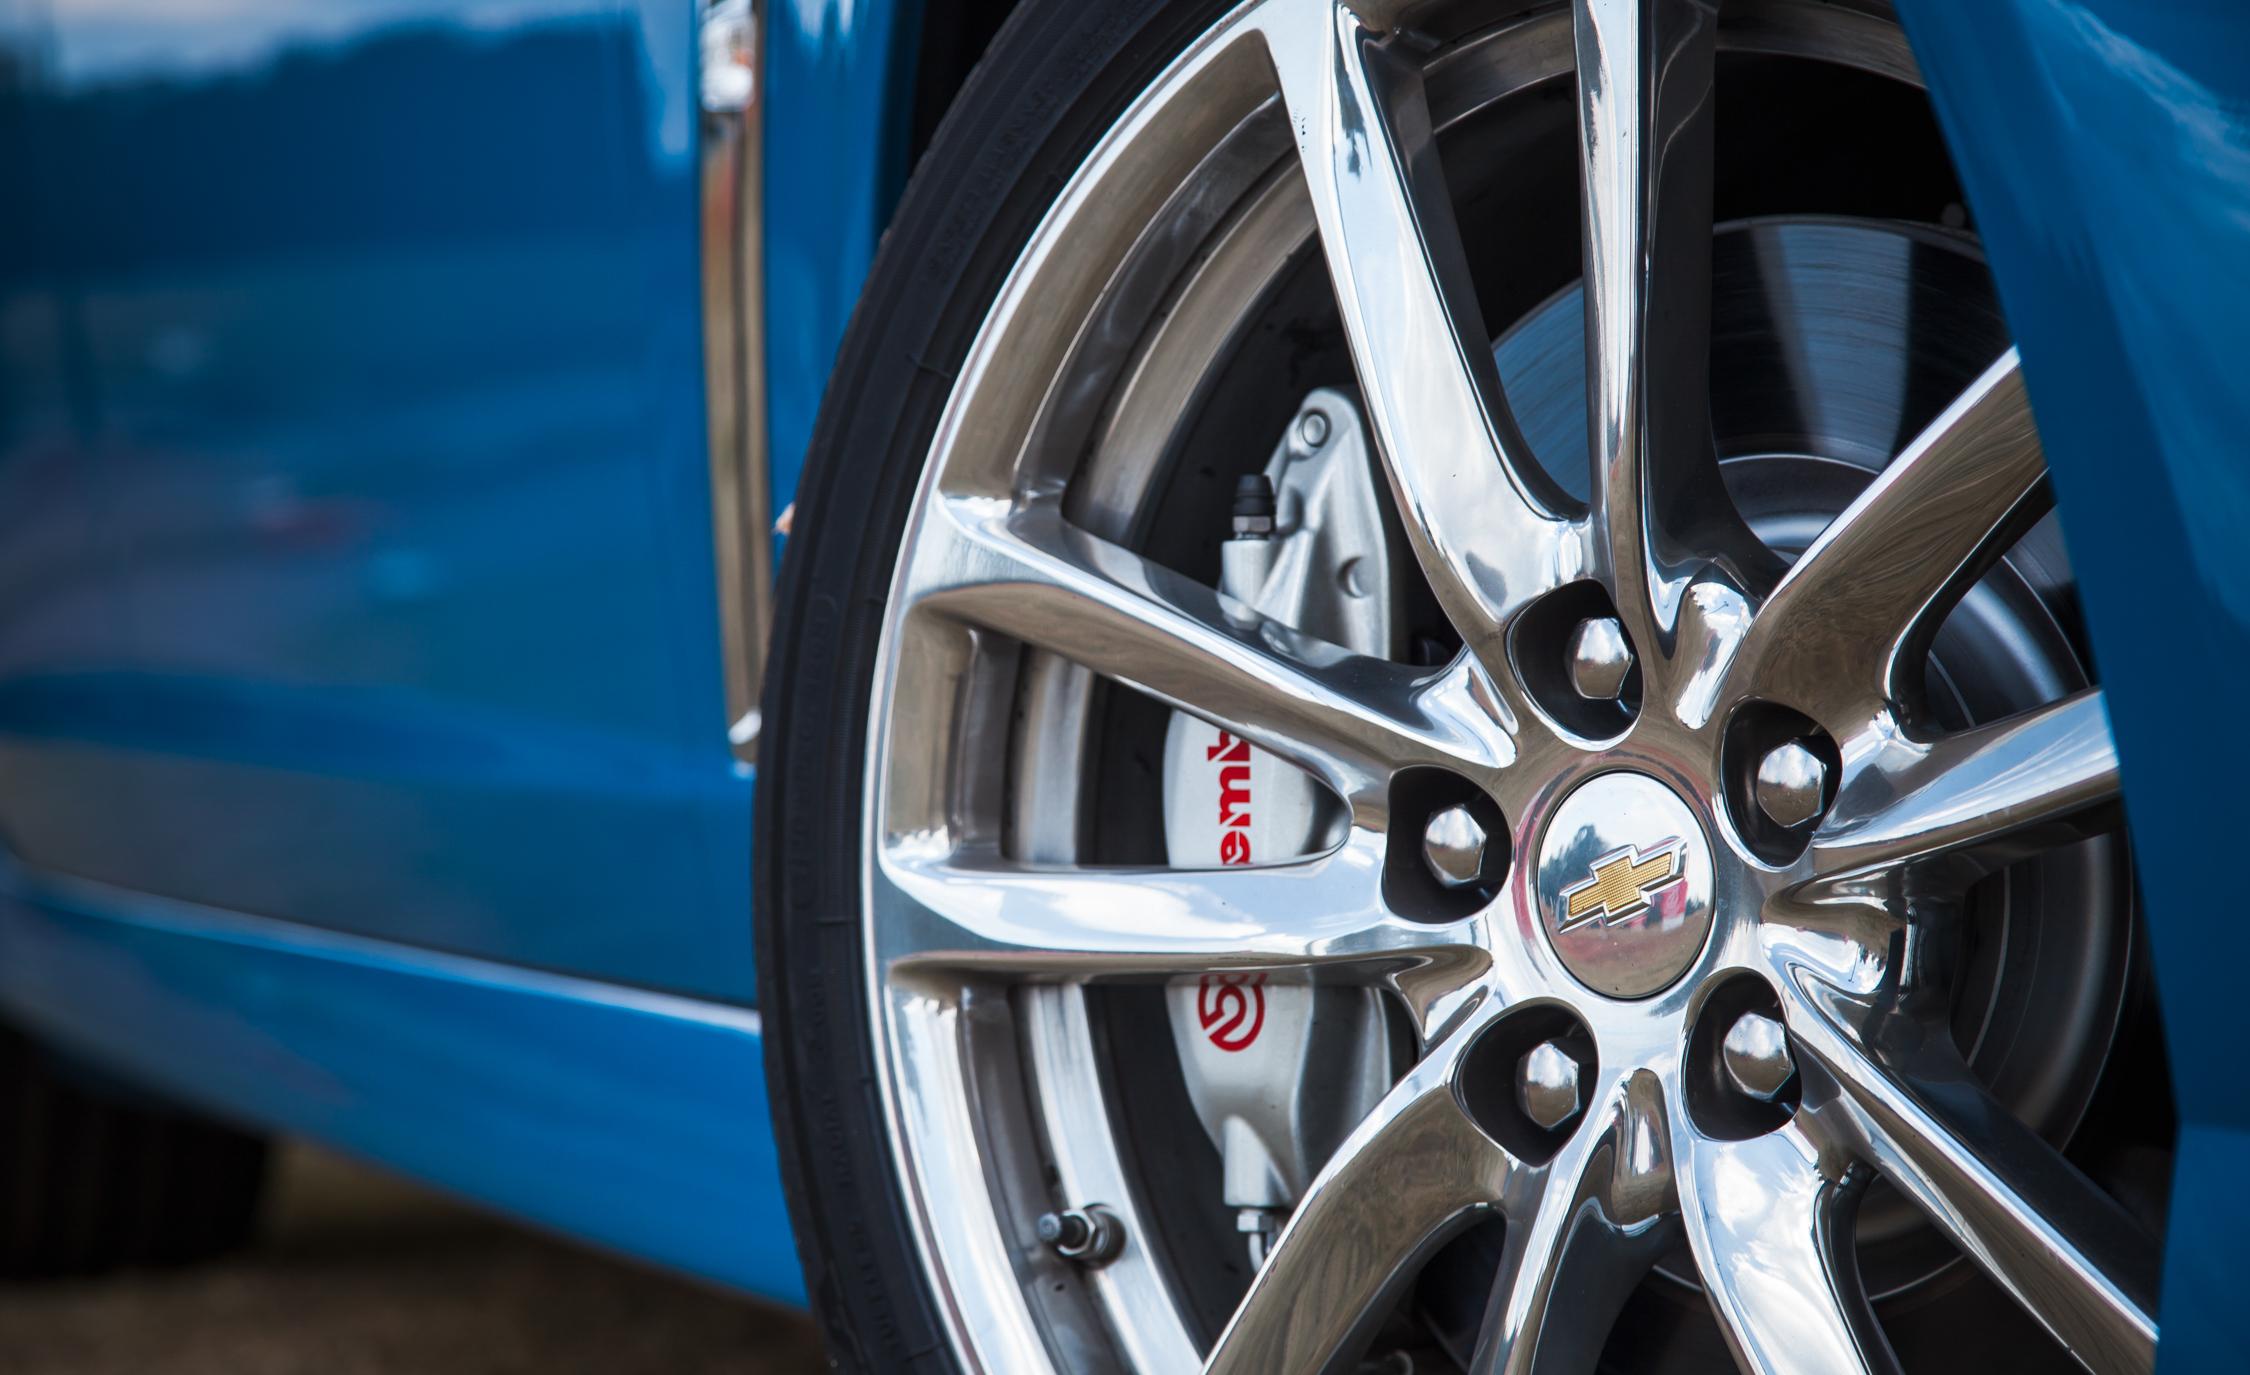 2015 Chevrolet SS Exterior Wheel Trim